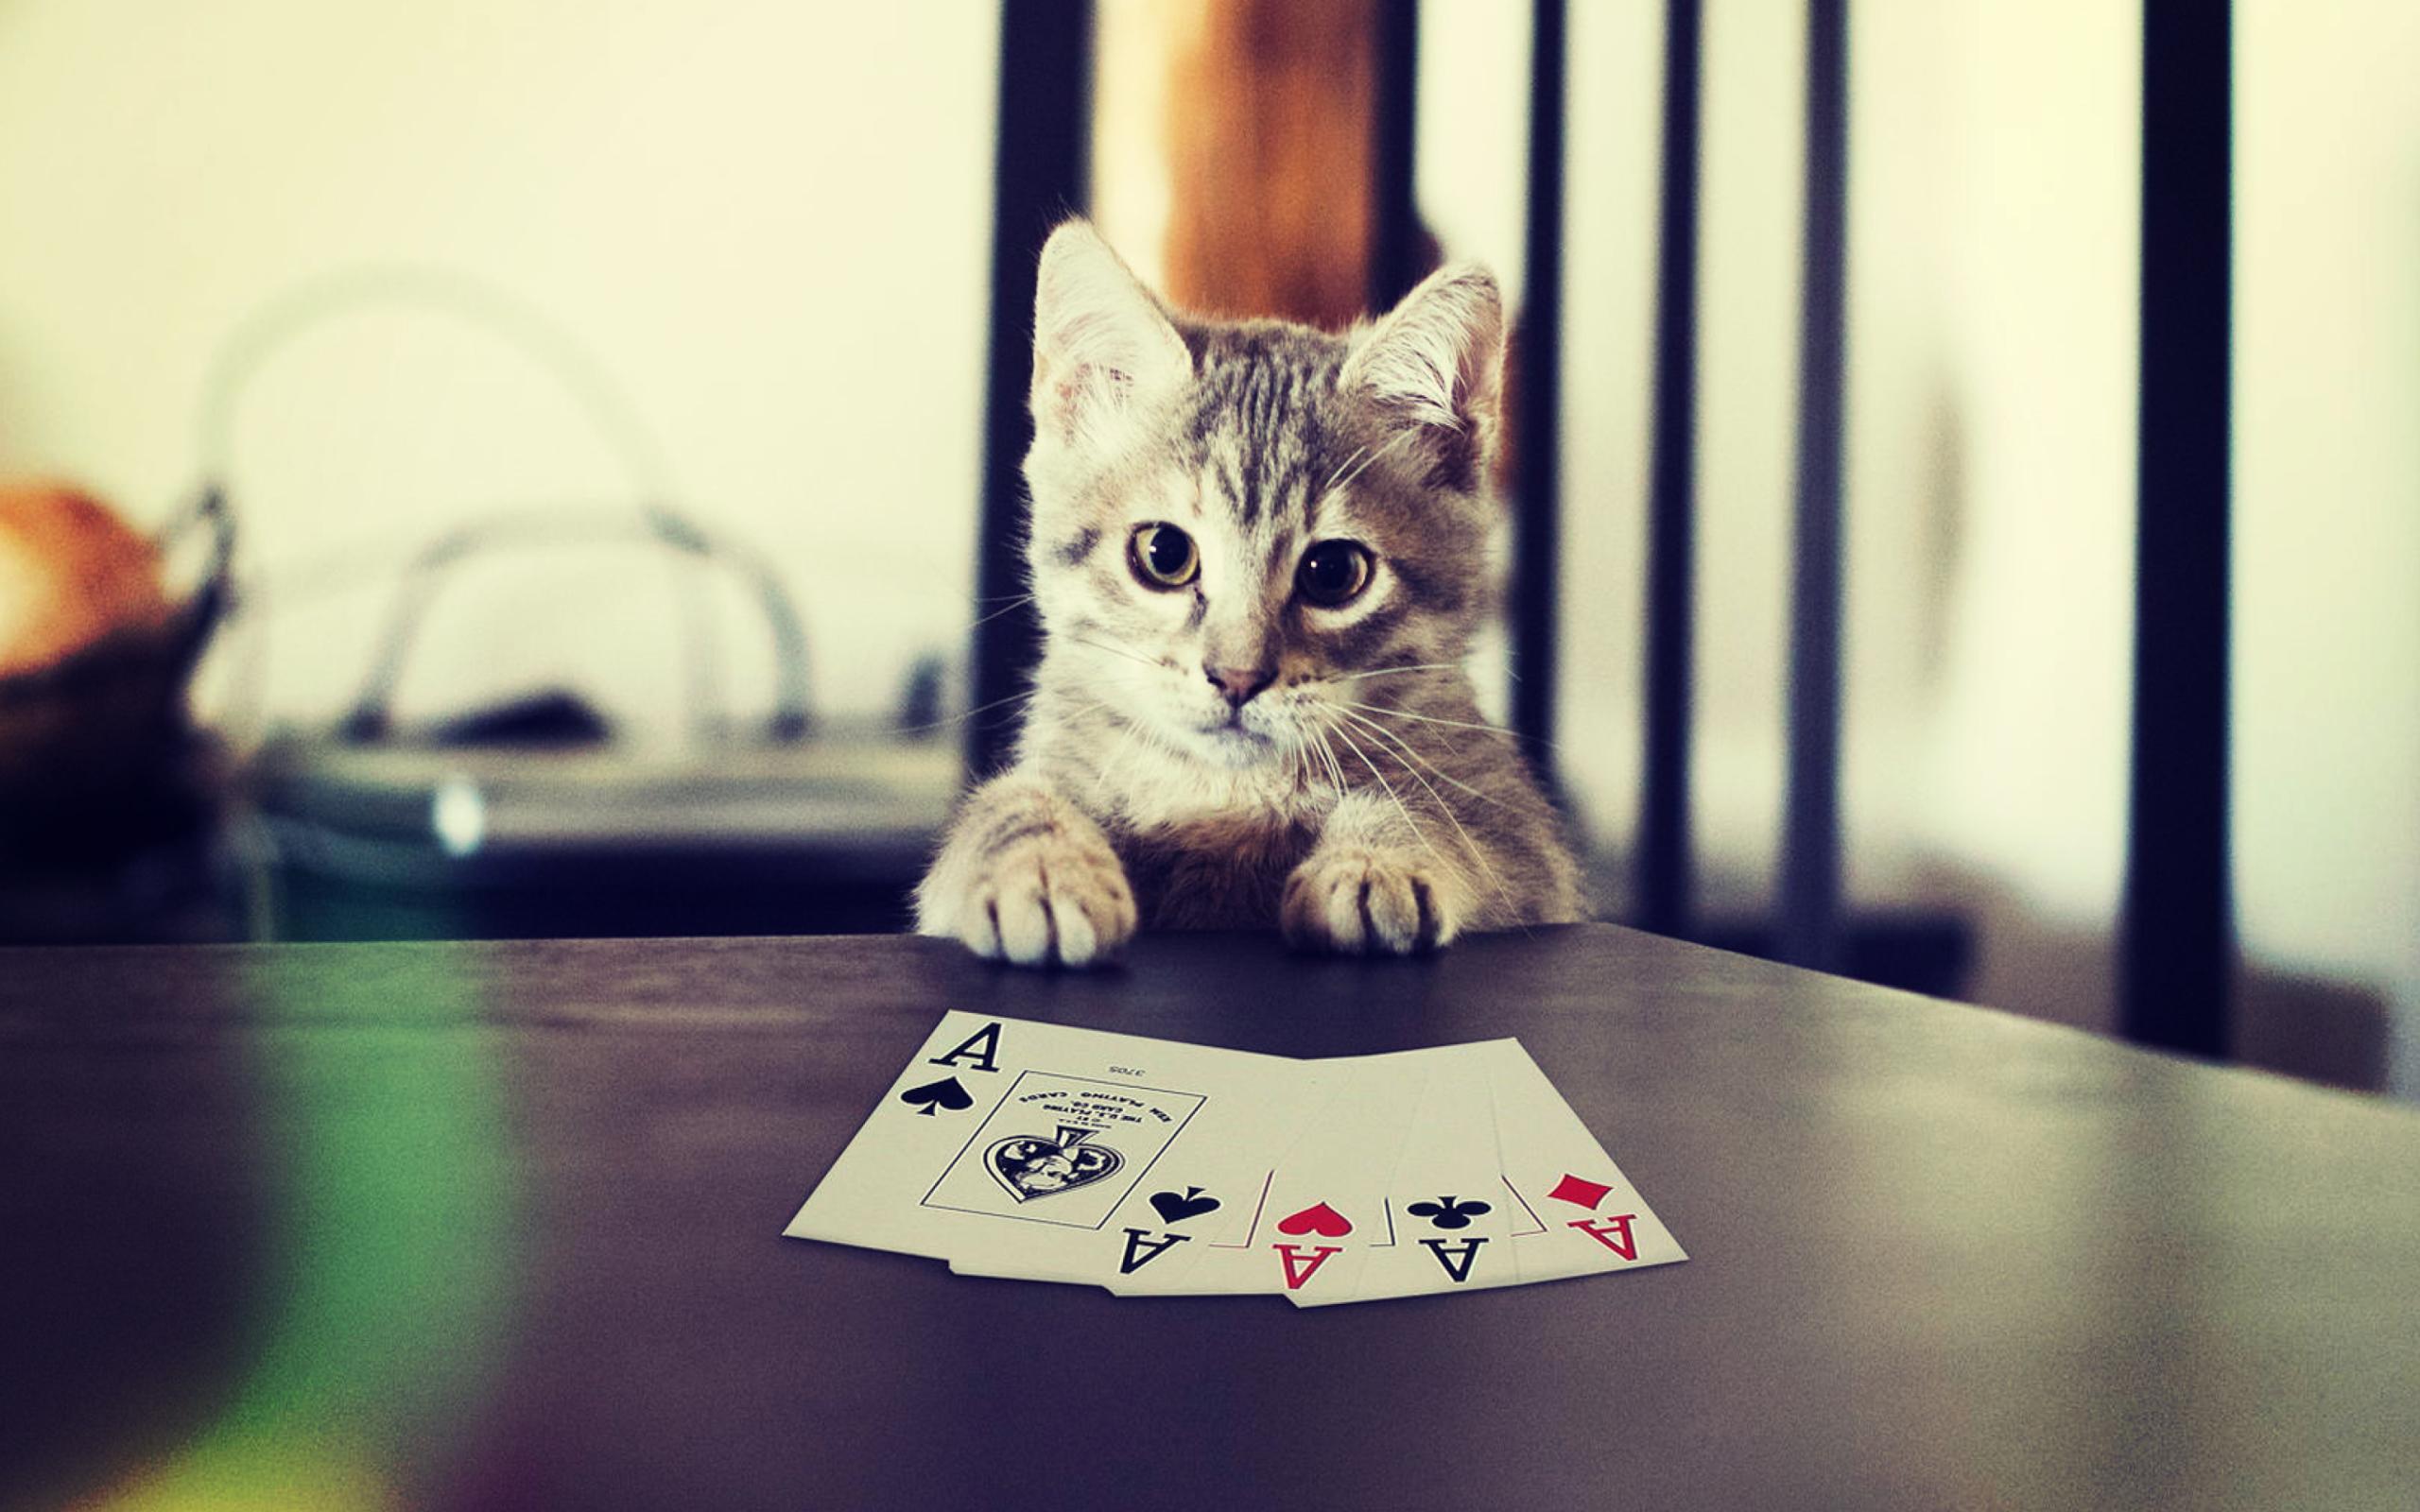 Картинки на аву коты с надписью